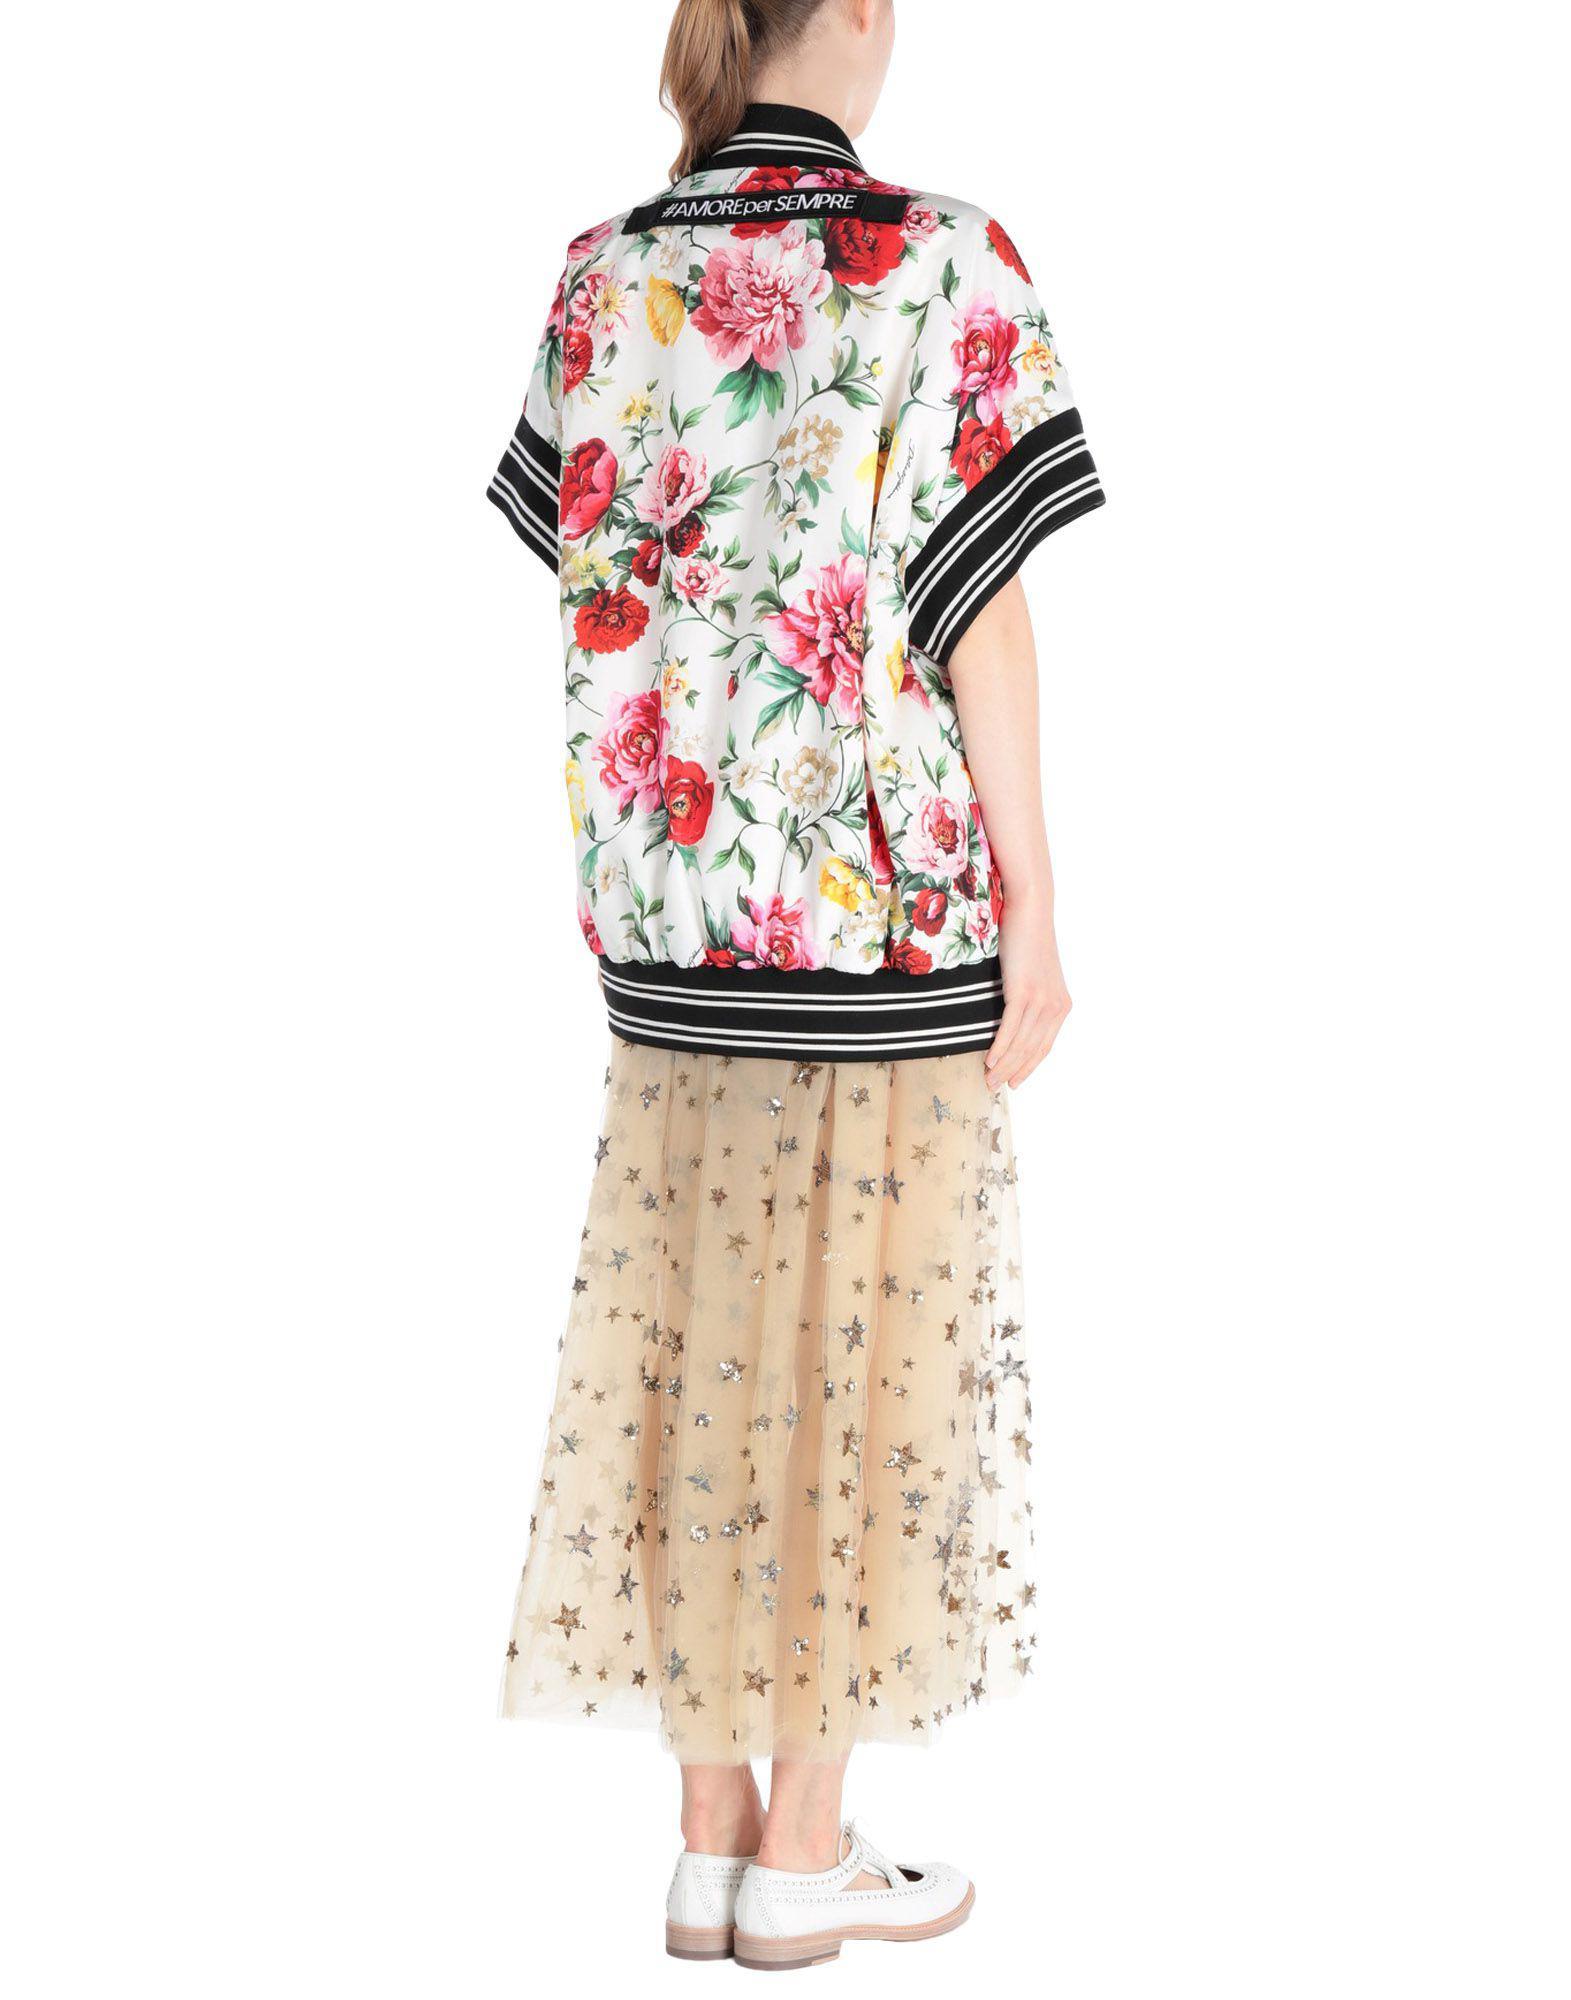 7ee556f342c Dolce & Gabbana Jacket in White - Lyst